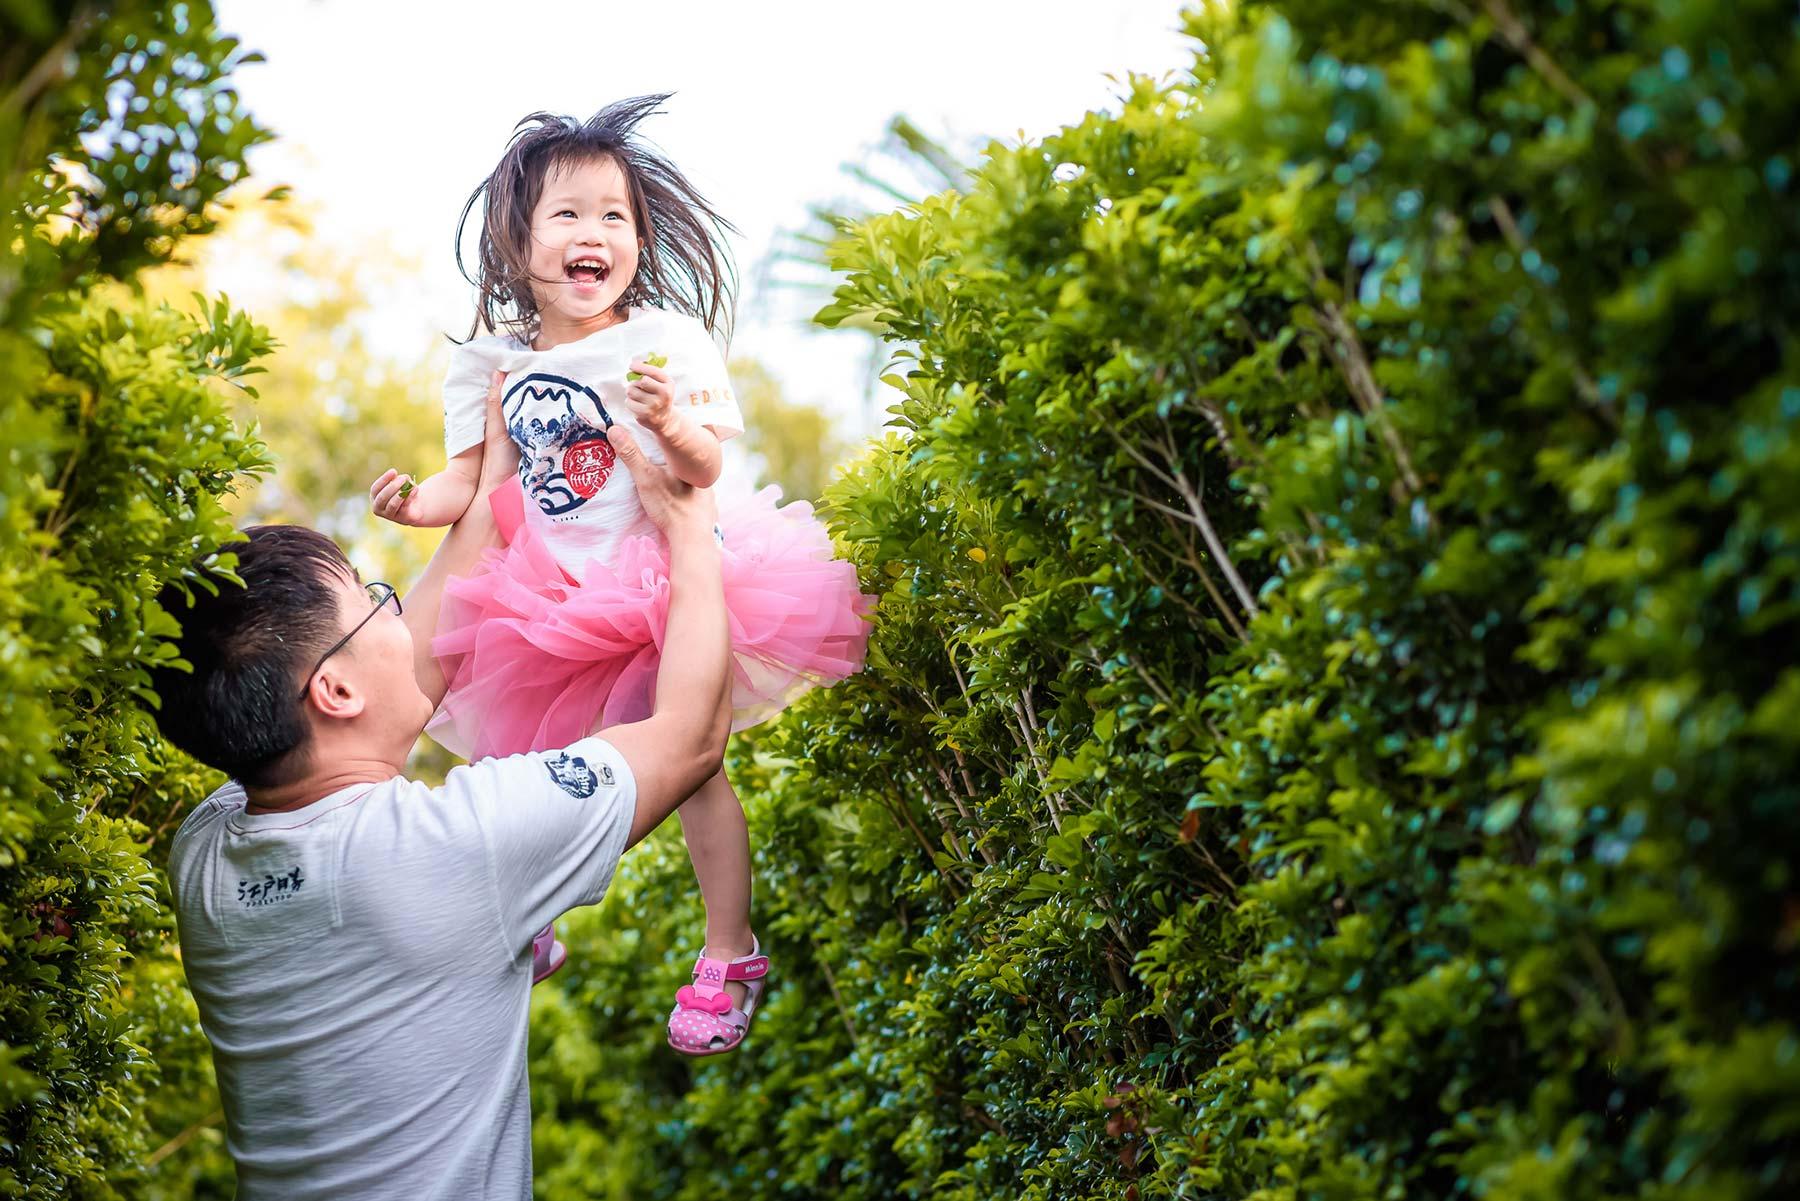 親子互動 飛高高 小孩抱高高 父愛 上輩子的情人